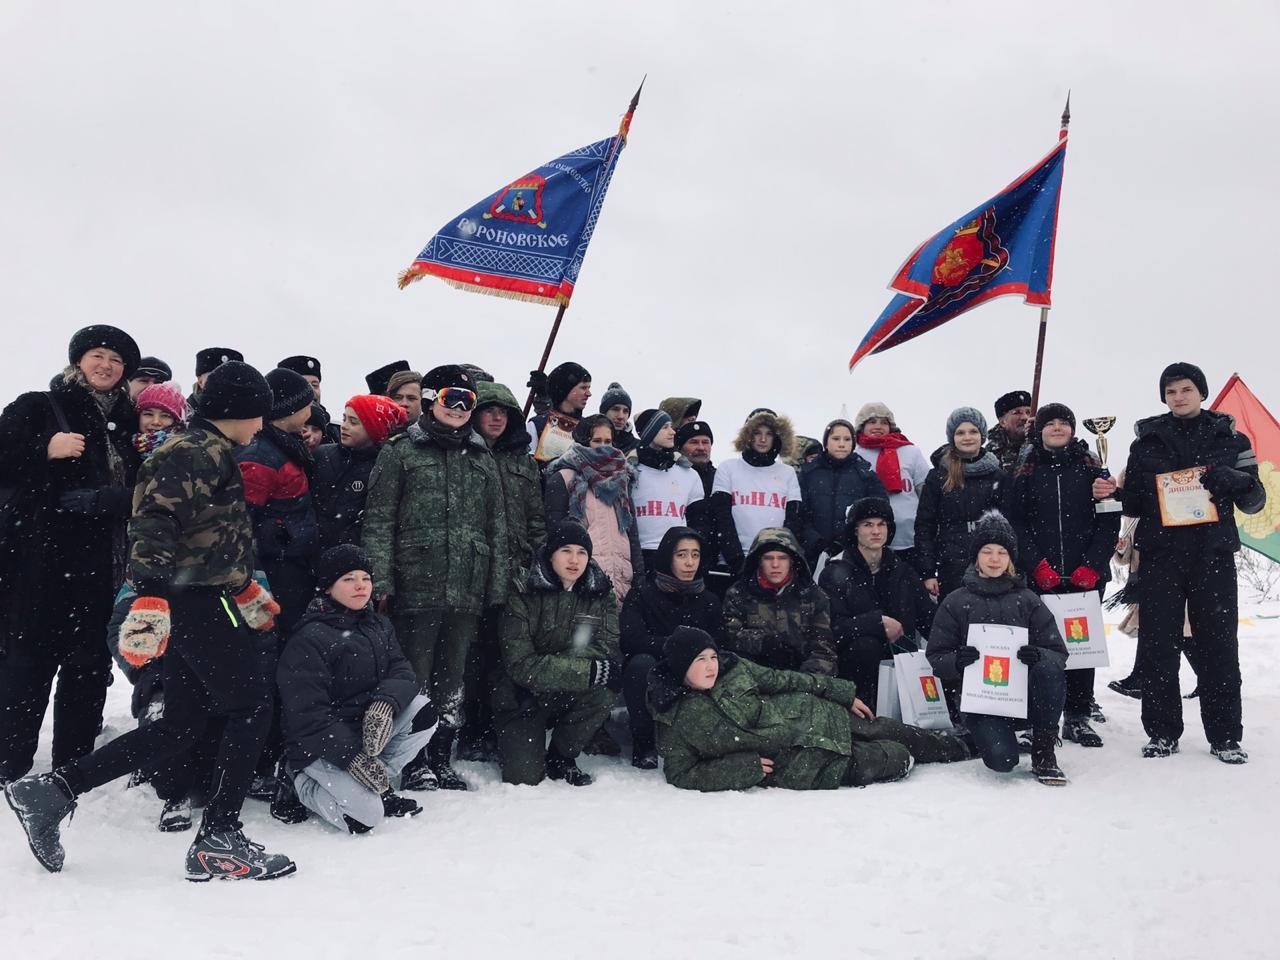 Военно-спортивную игру «Гридень» организовали в Михайлово-Ярцевском. Фото предоставил Сергей Смолин